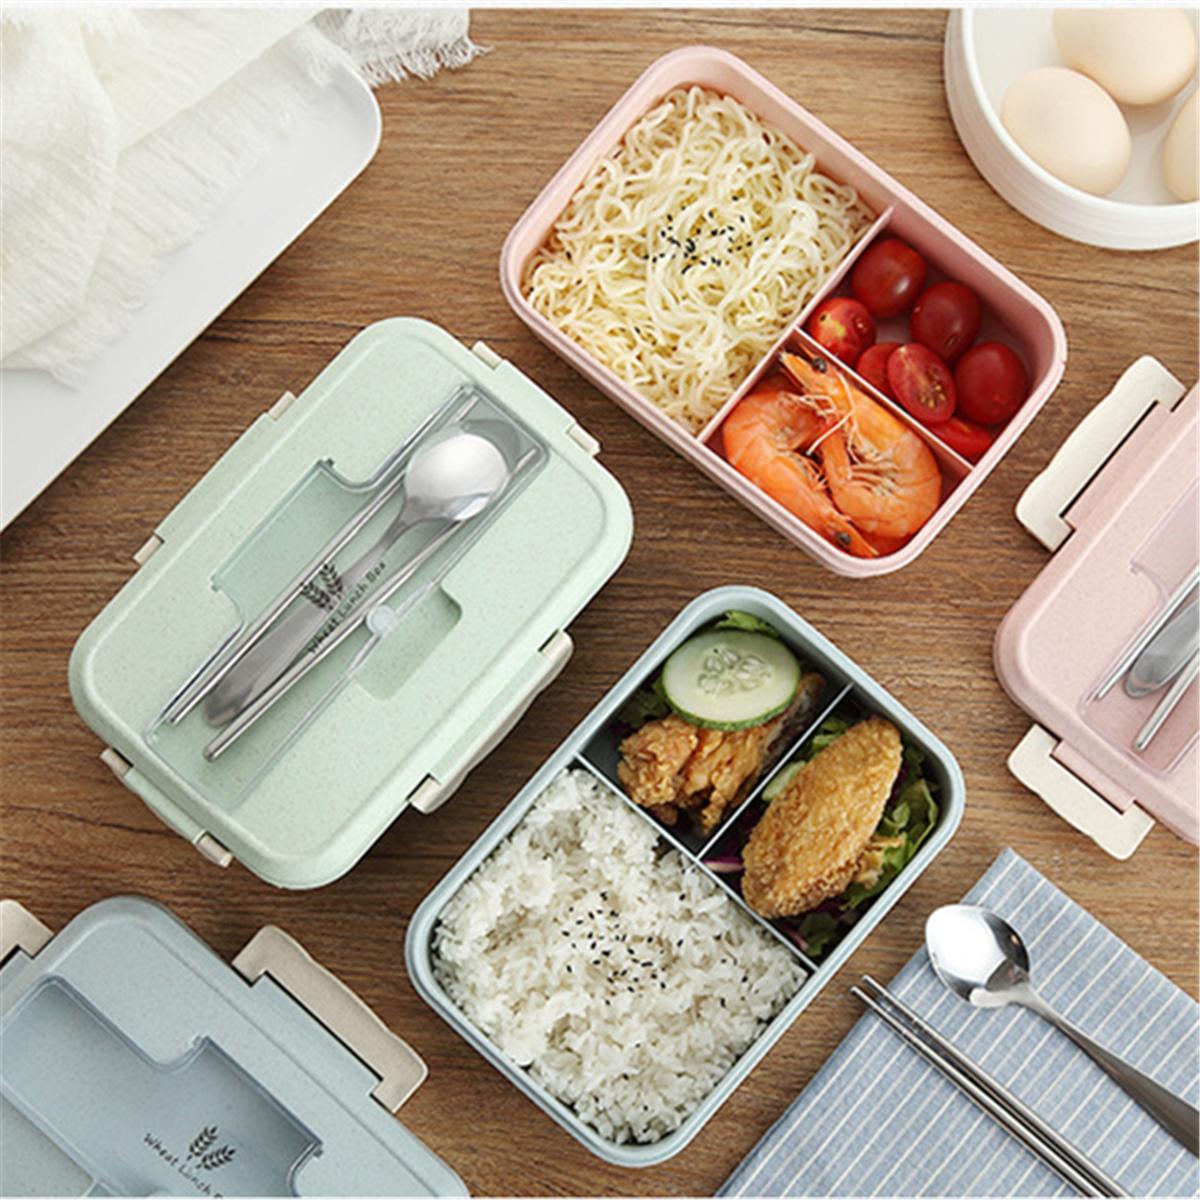 Кухонные ножи и прочие приборы Упаковка с палочками для хранения пищевых баллонов (Фото 4)